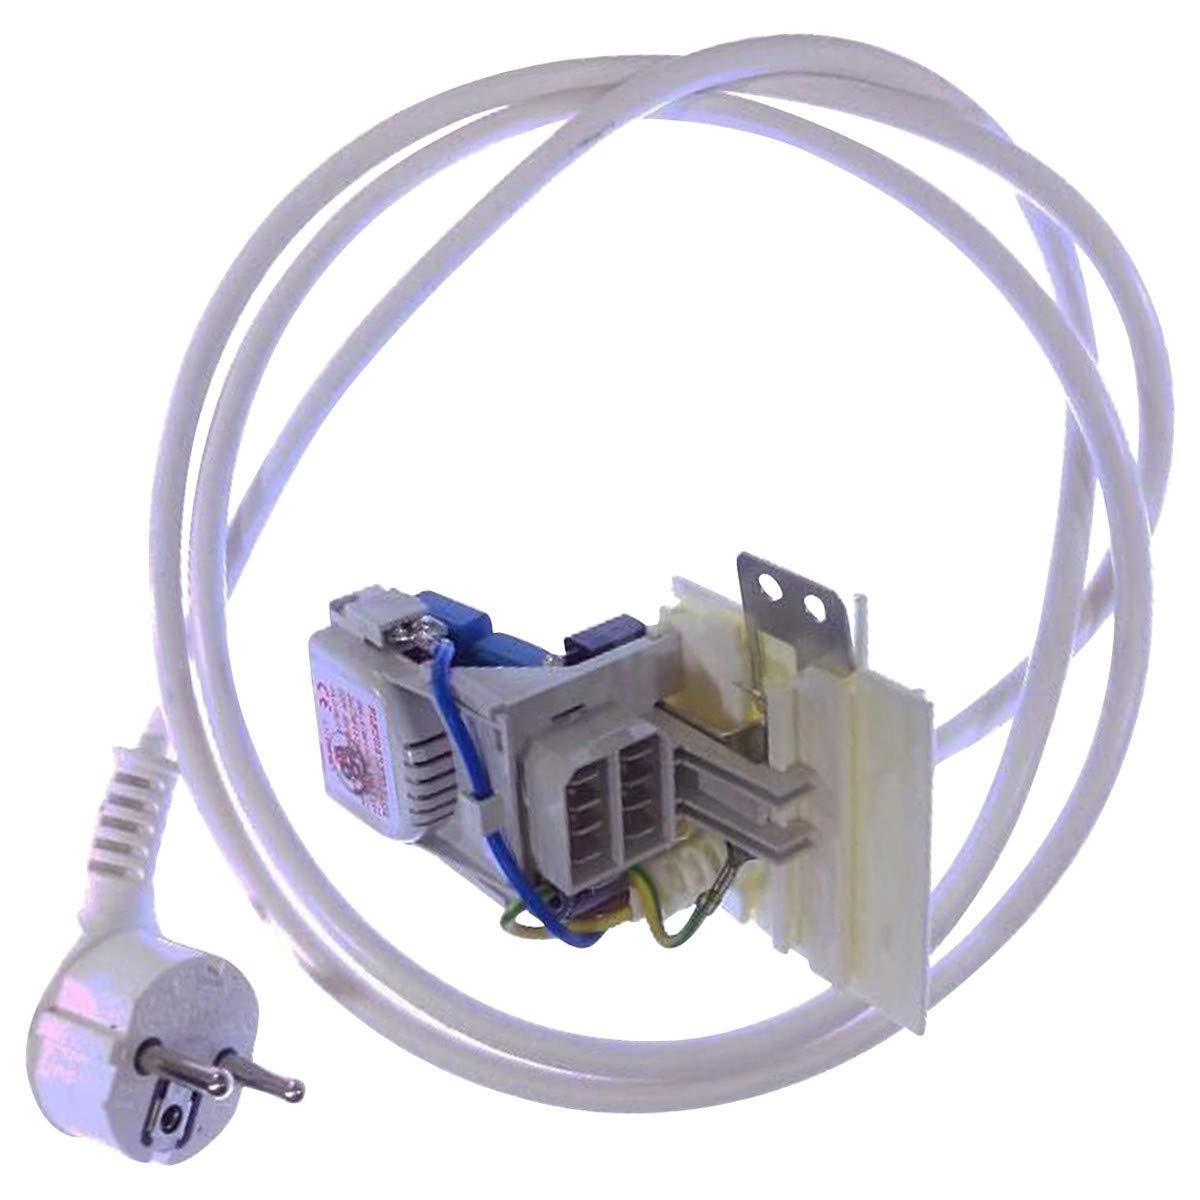 Cable de alimentación para lavadoras Ariston Hotpoint, Indesit y ...